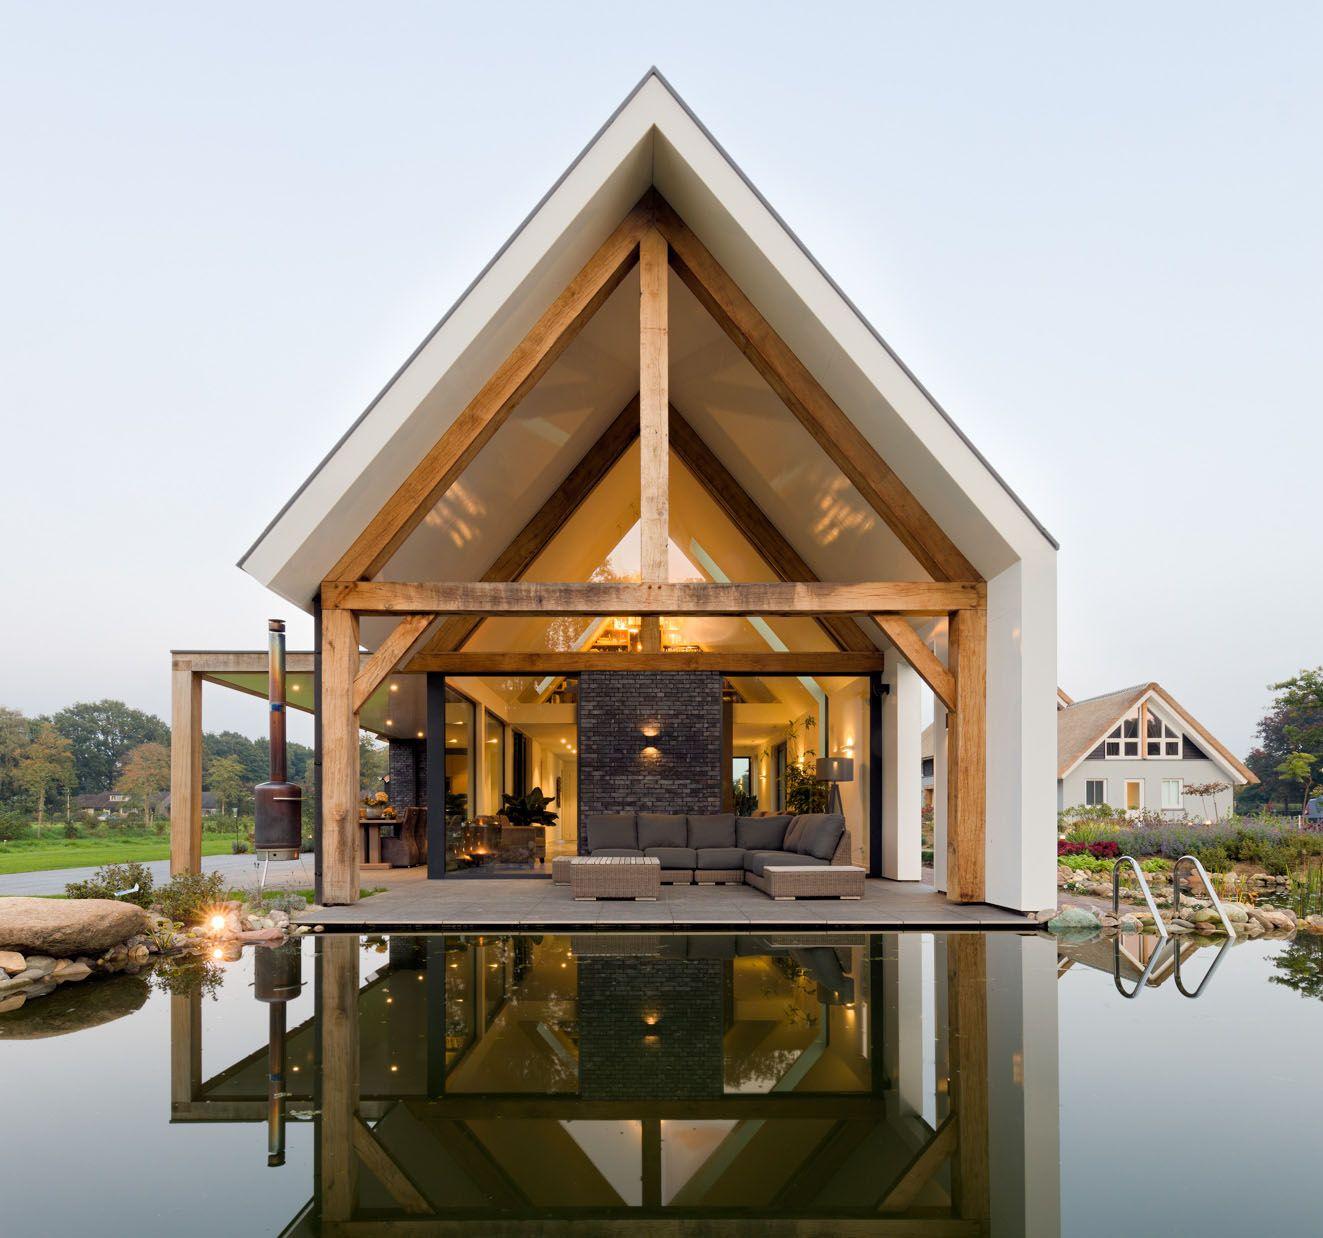 Minimalist modern country villa dalfsen the netherlands